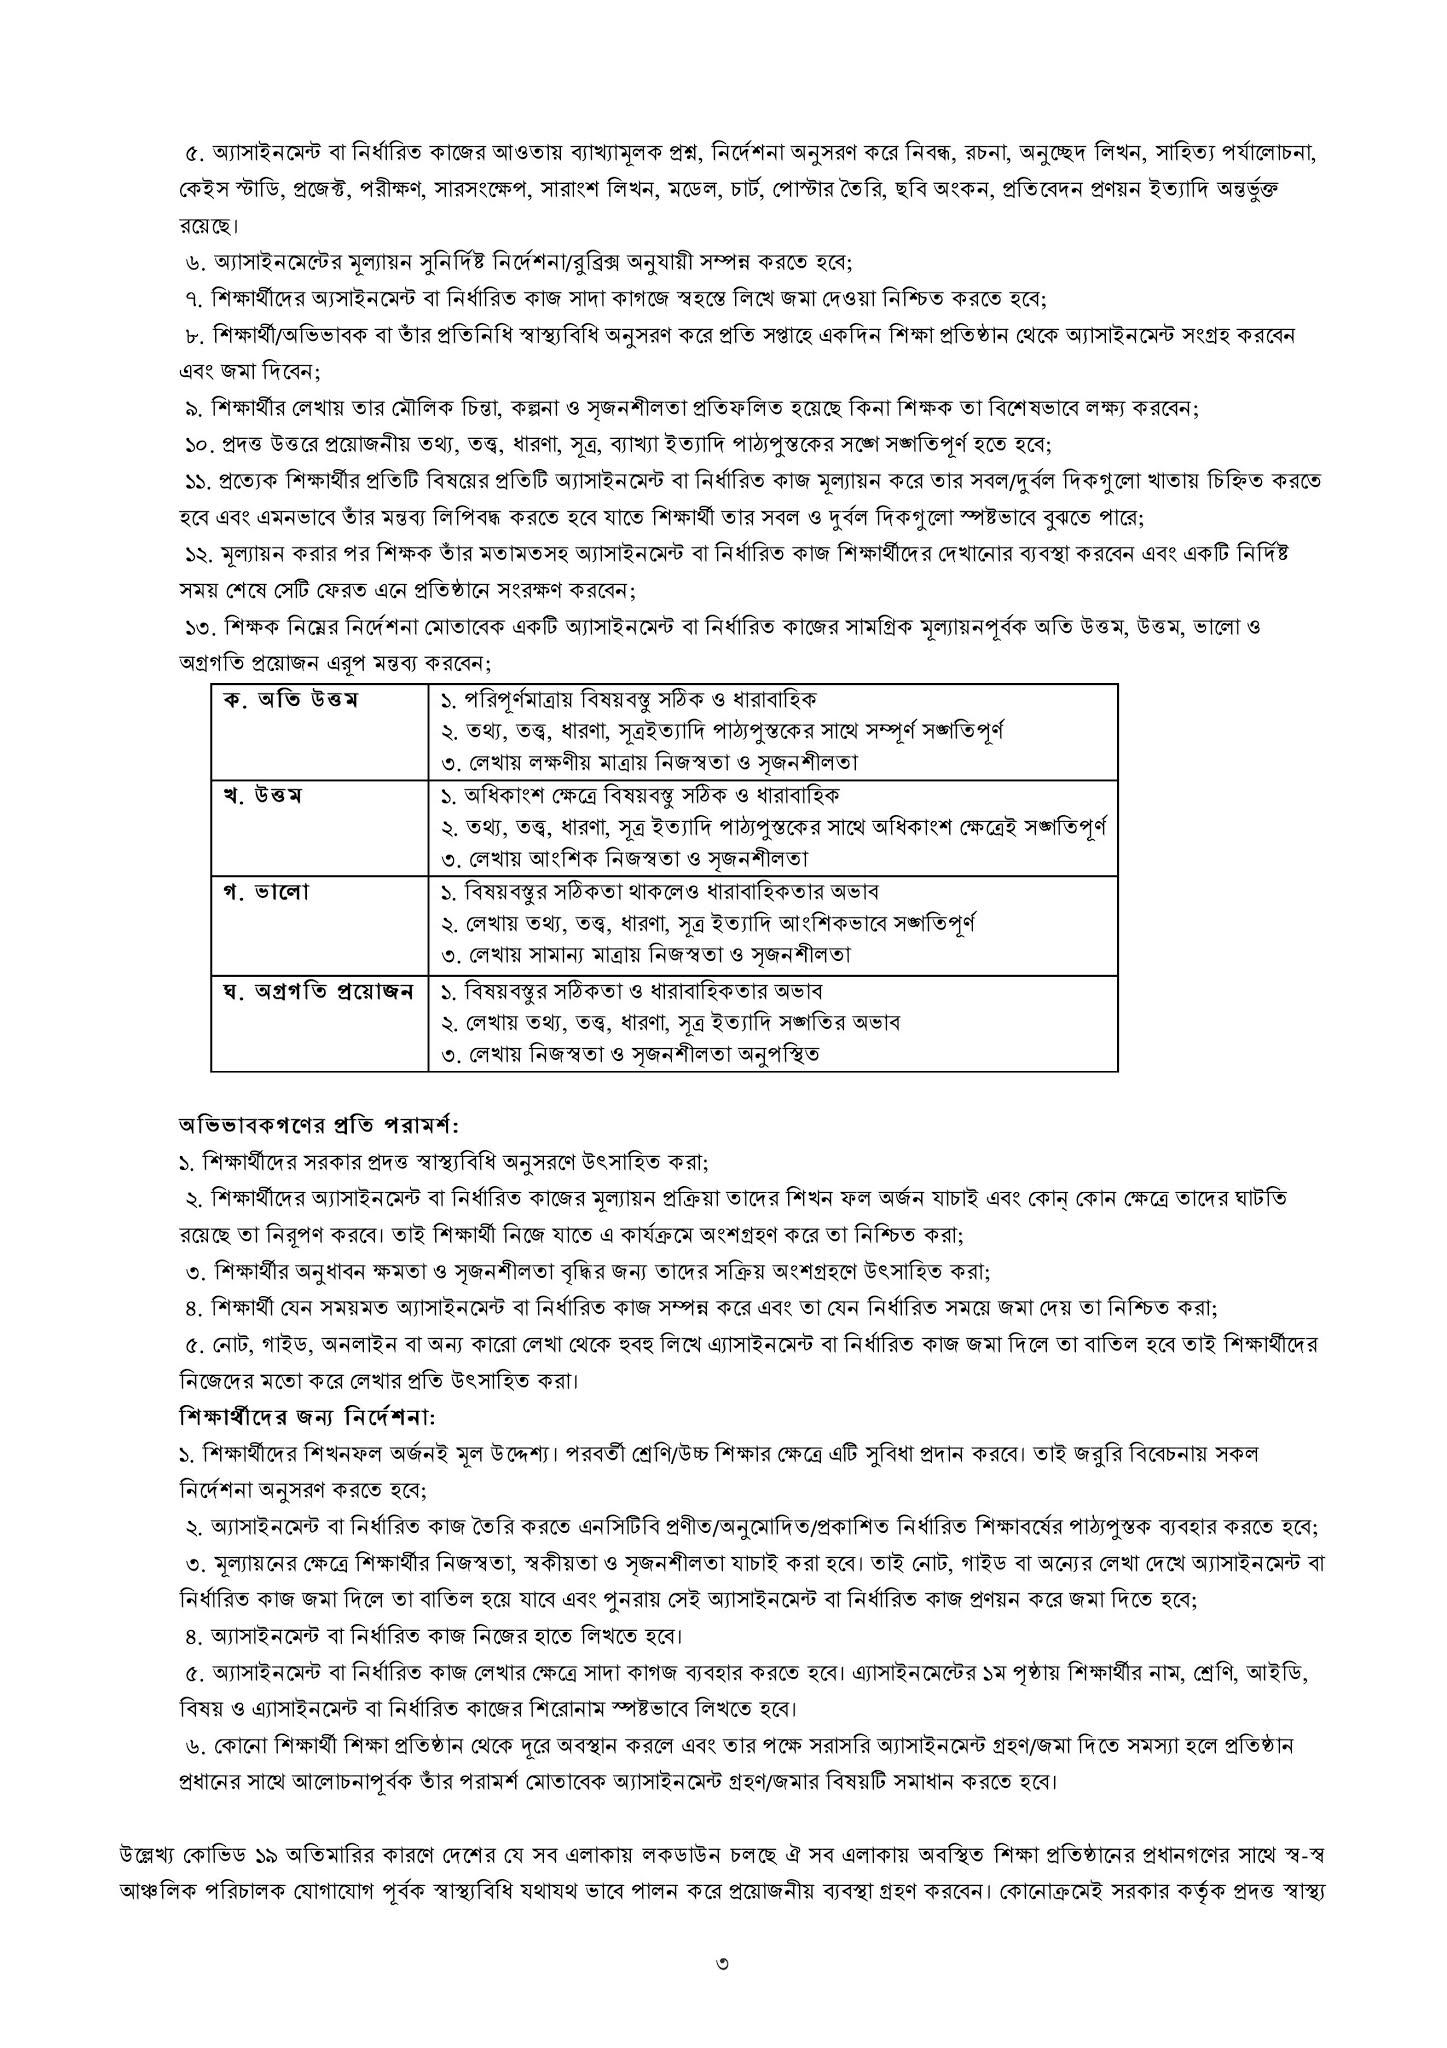 ২০২২ সালের এইচএসসি পরীক্ষার এসাইনমেন্ট উত্তর (সকল সপ্তাহ) -Hsc assignment 2021 solution